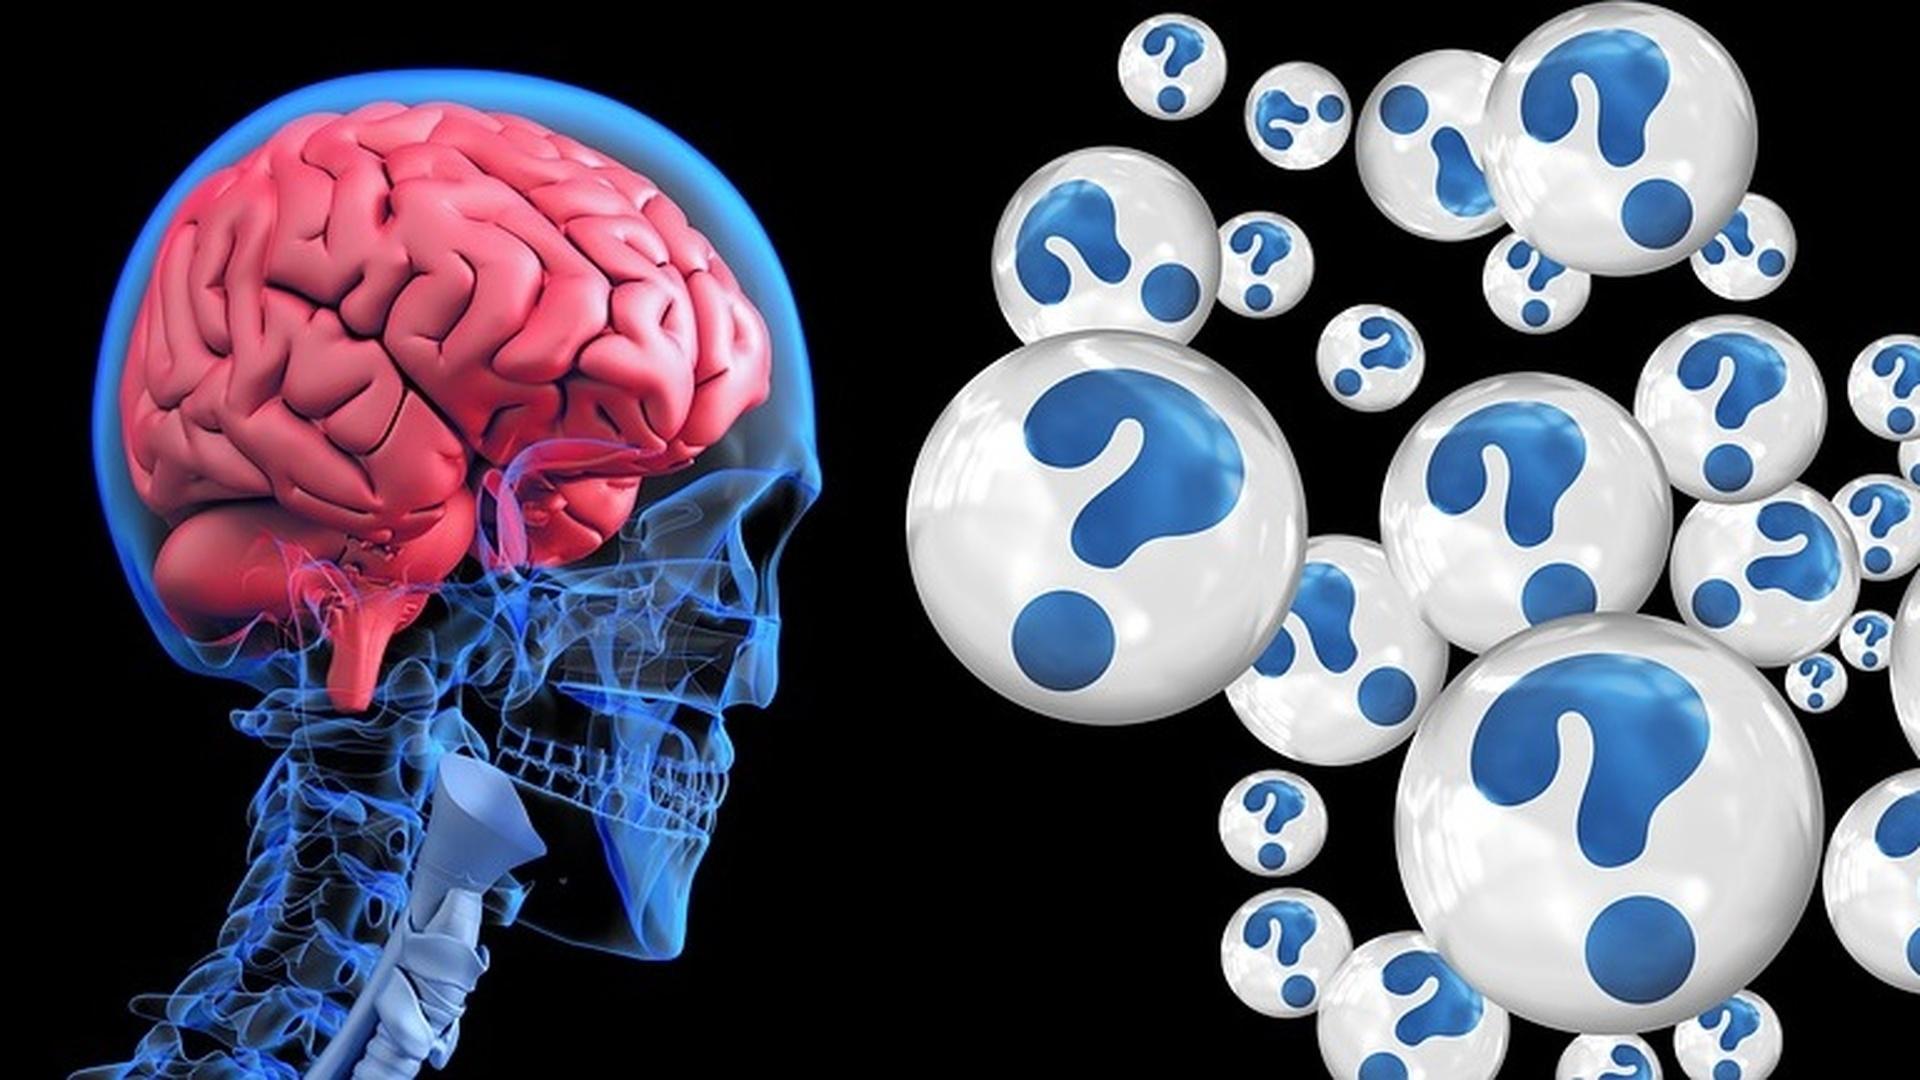 Чтобы сохранить новые воспоминания, медленные и быстрые мозговые волны во время глубокого сна должны синхронизироваться в нужный момент